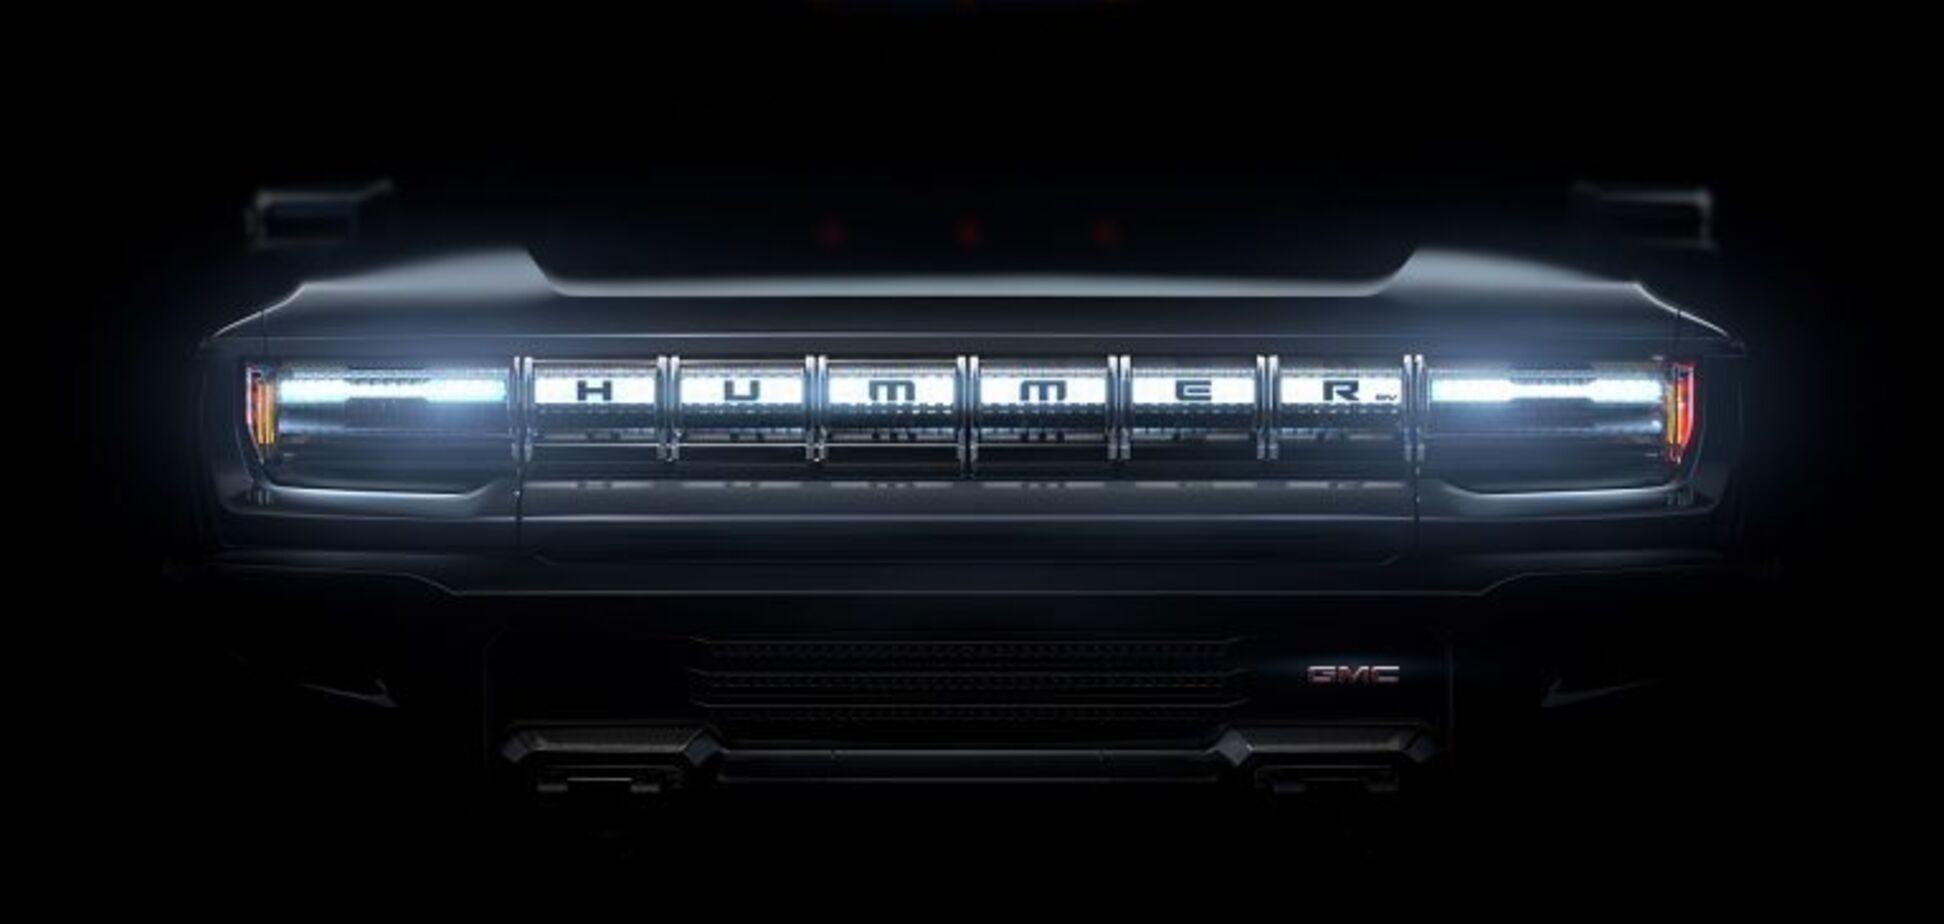 Официально: Hummer возвращается в виде 1000-сильного электромобиля